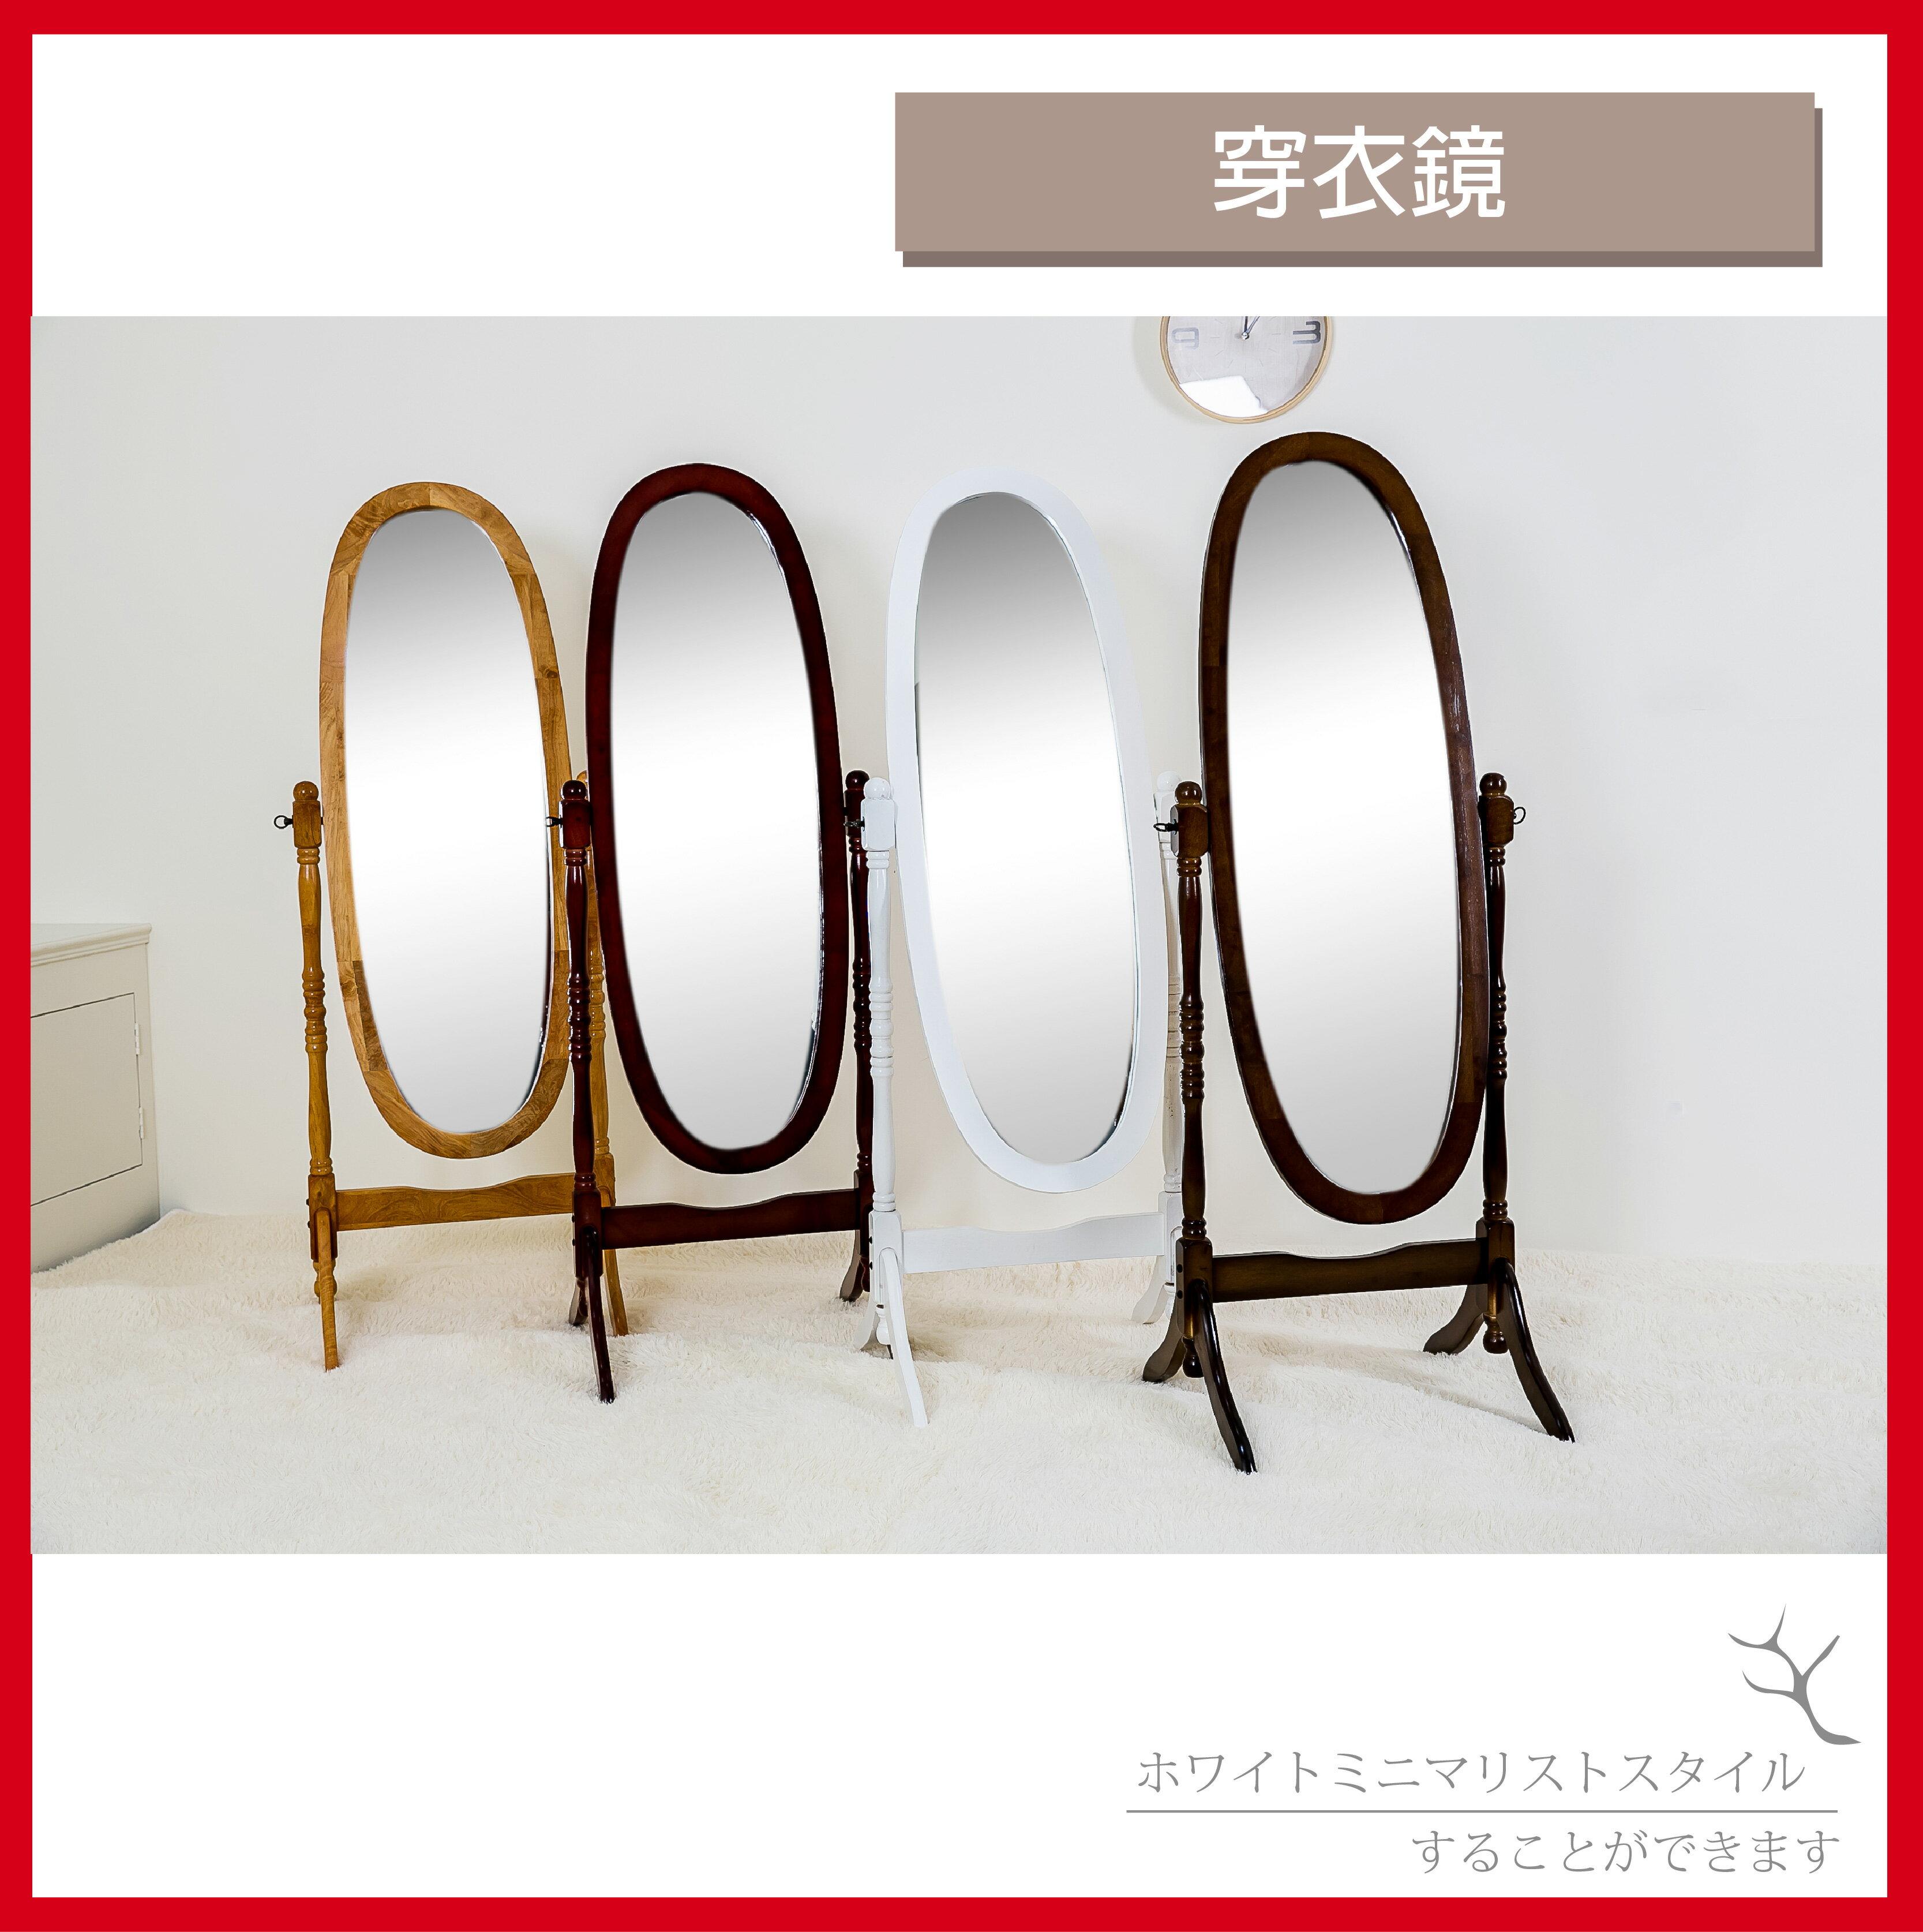 [免運] 實木邊框 木背板 台灣玻璃 鏡面可調整 立鏡 連身鏡 穿衣鏡 化妝鏡 落地全身鏡 全身立鏡 落地鏡 全身鏡